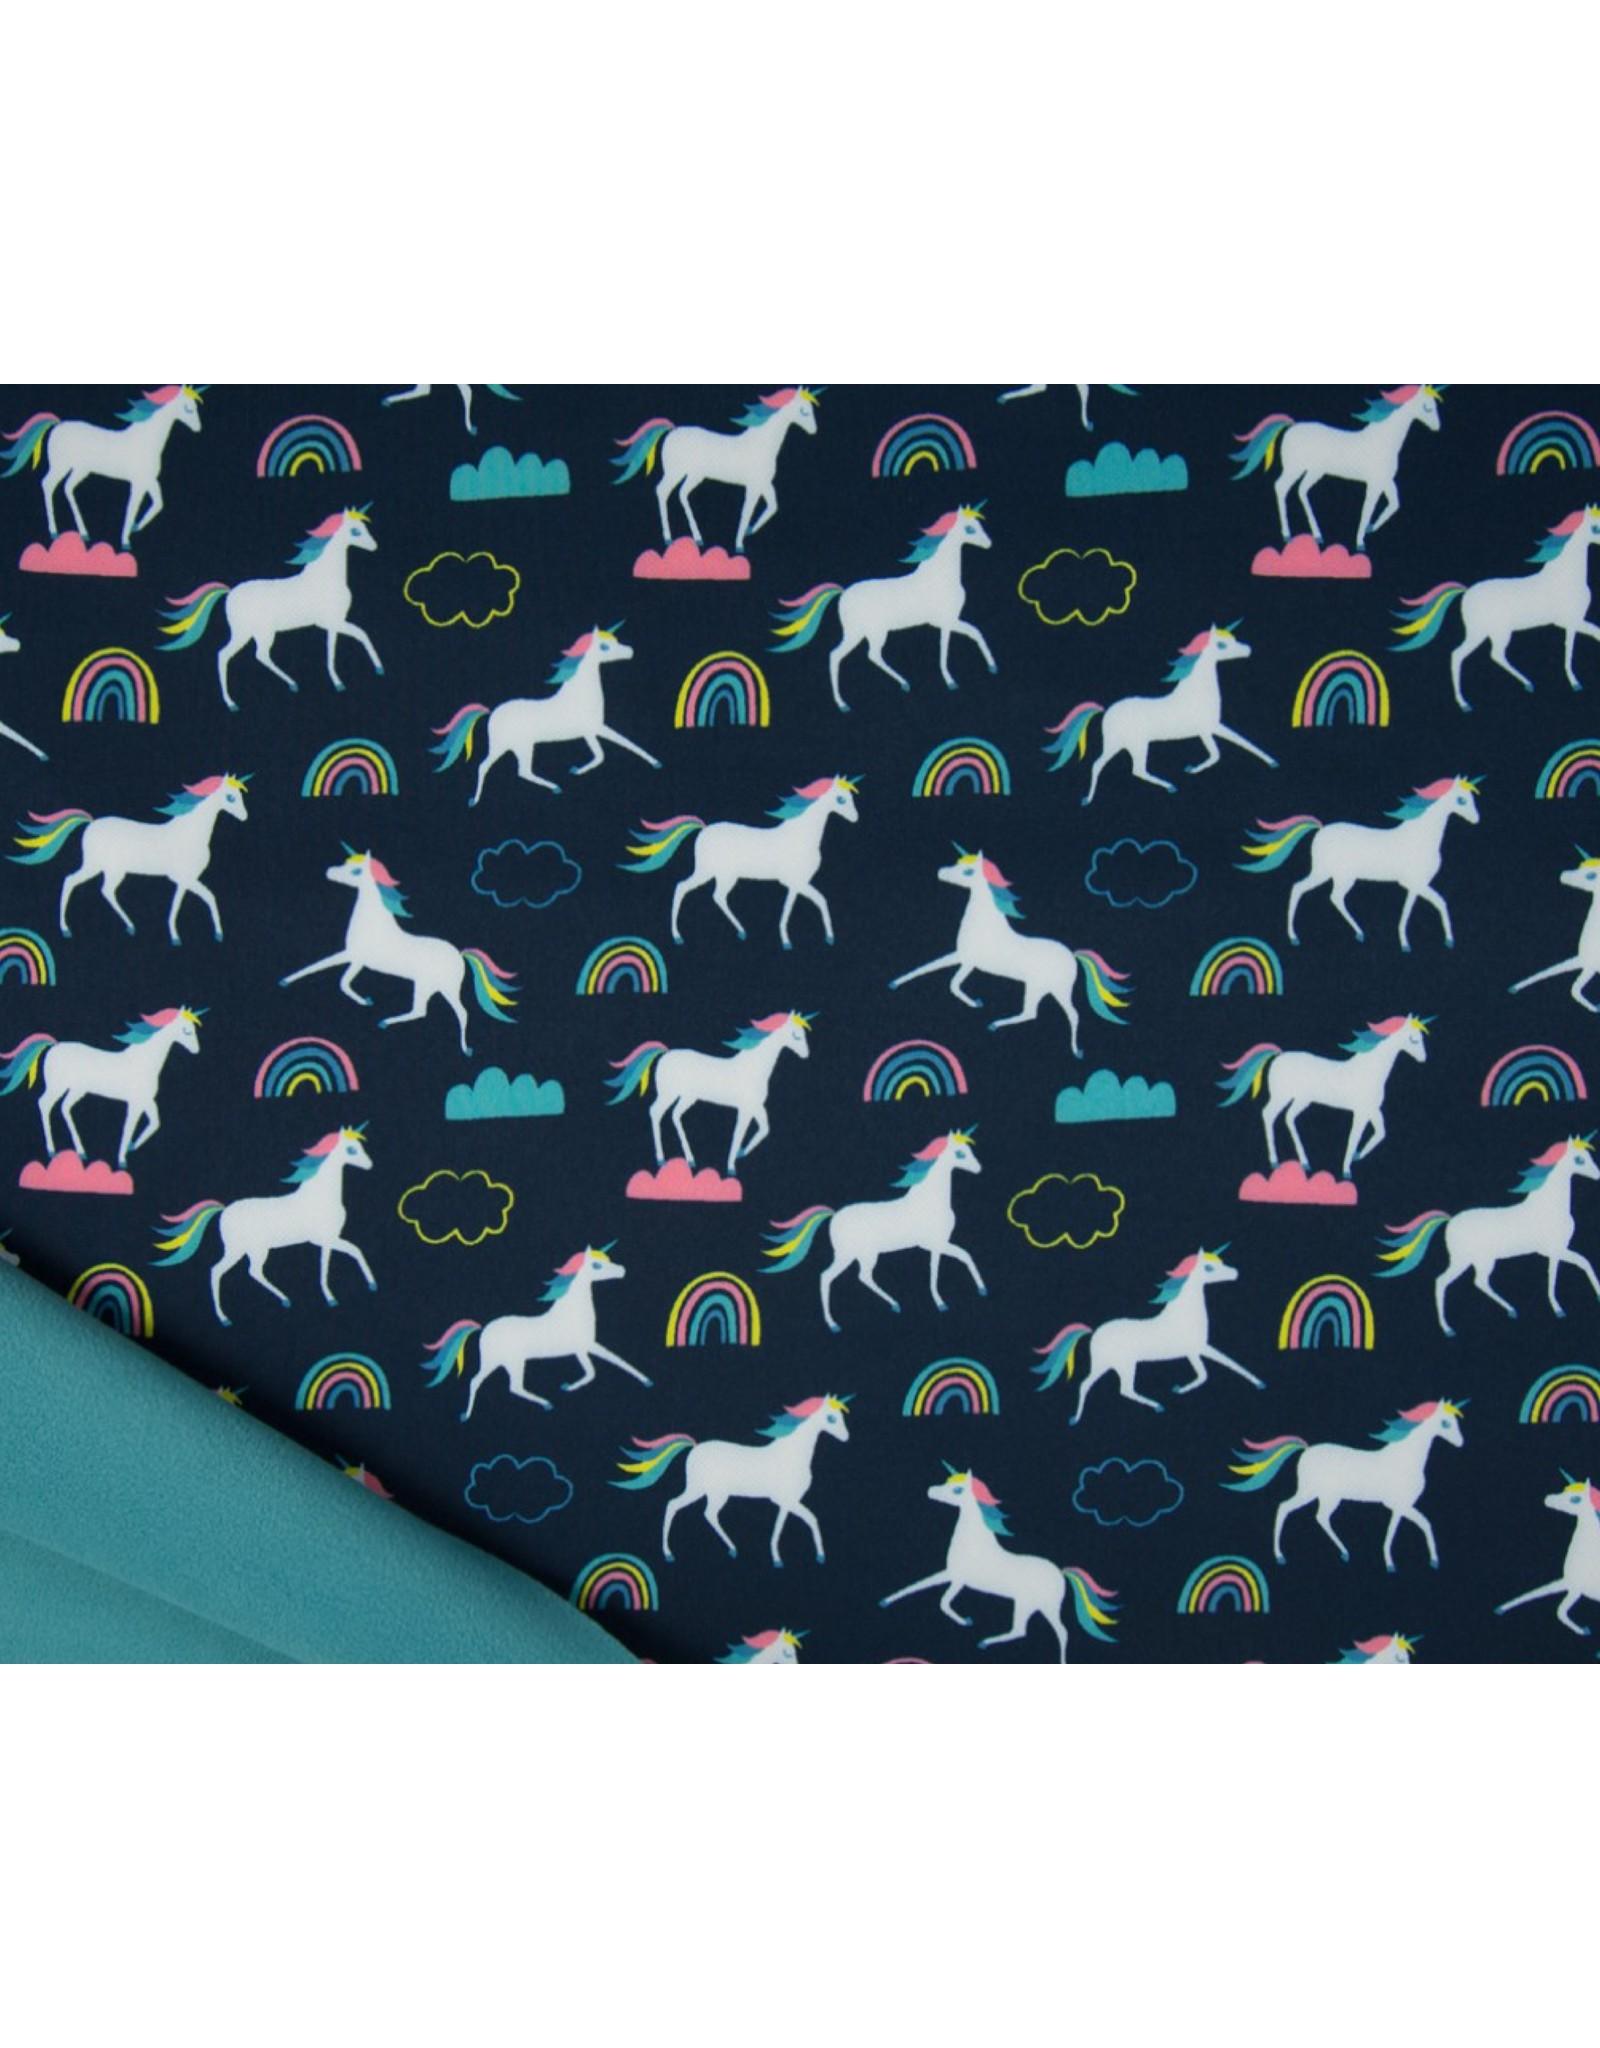 Softshell stof Bedrukt - Unicorns Navy